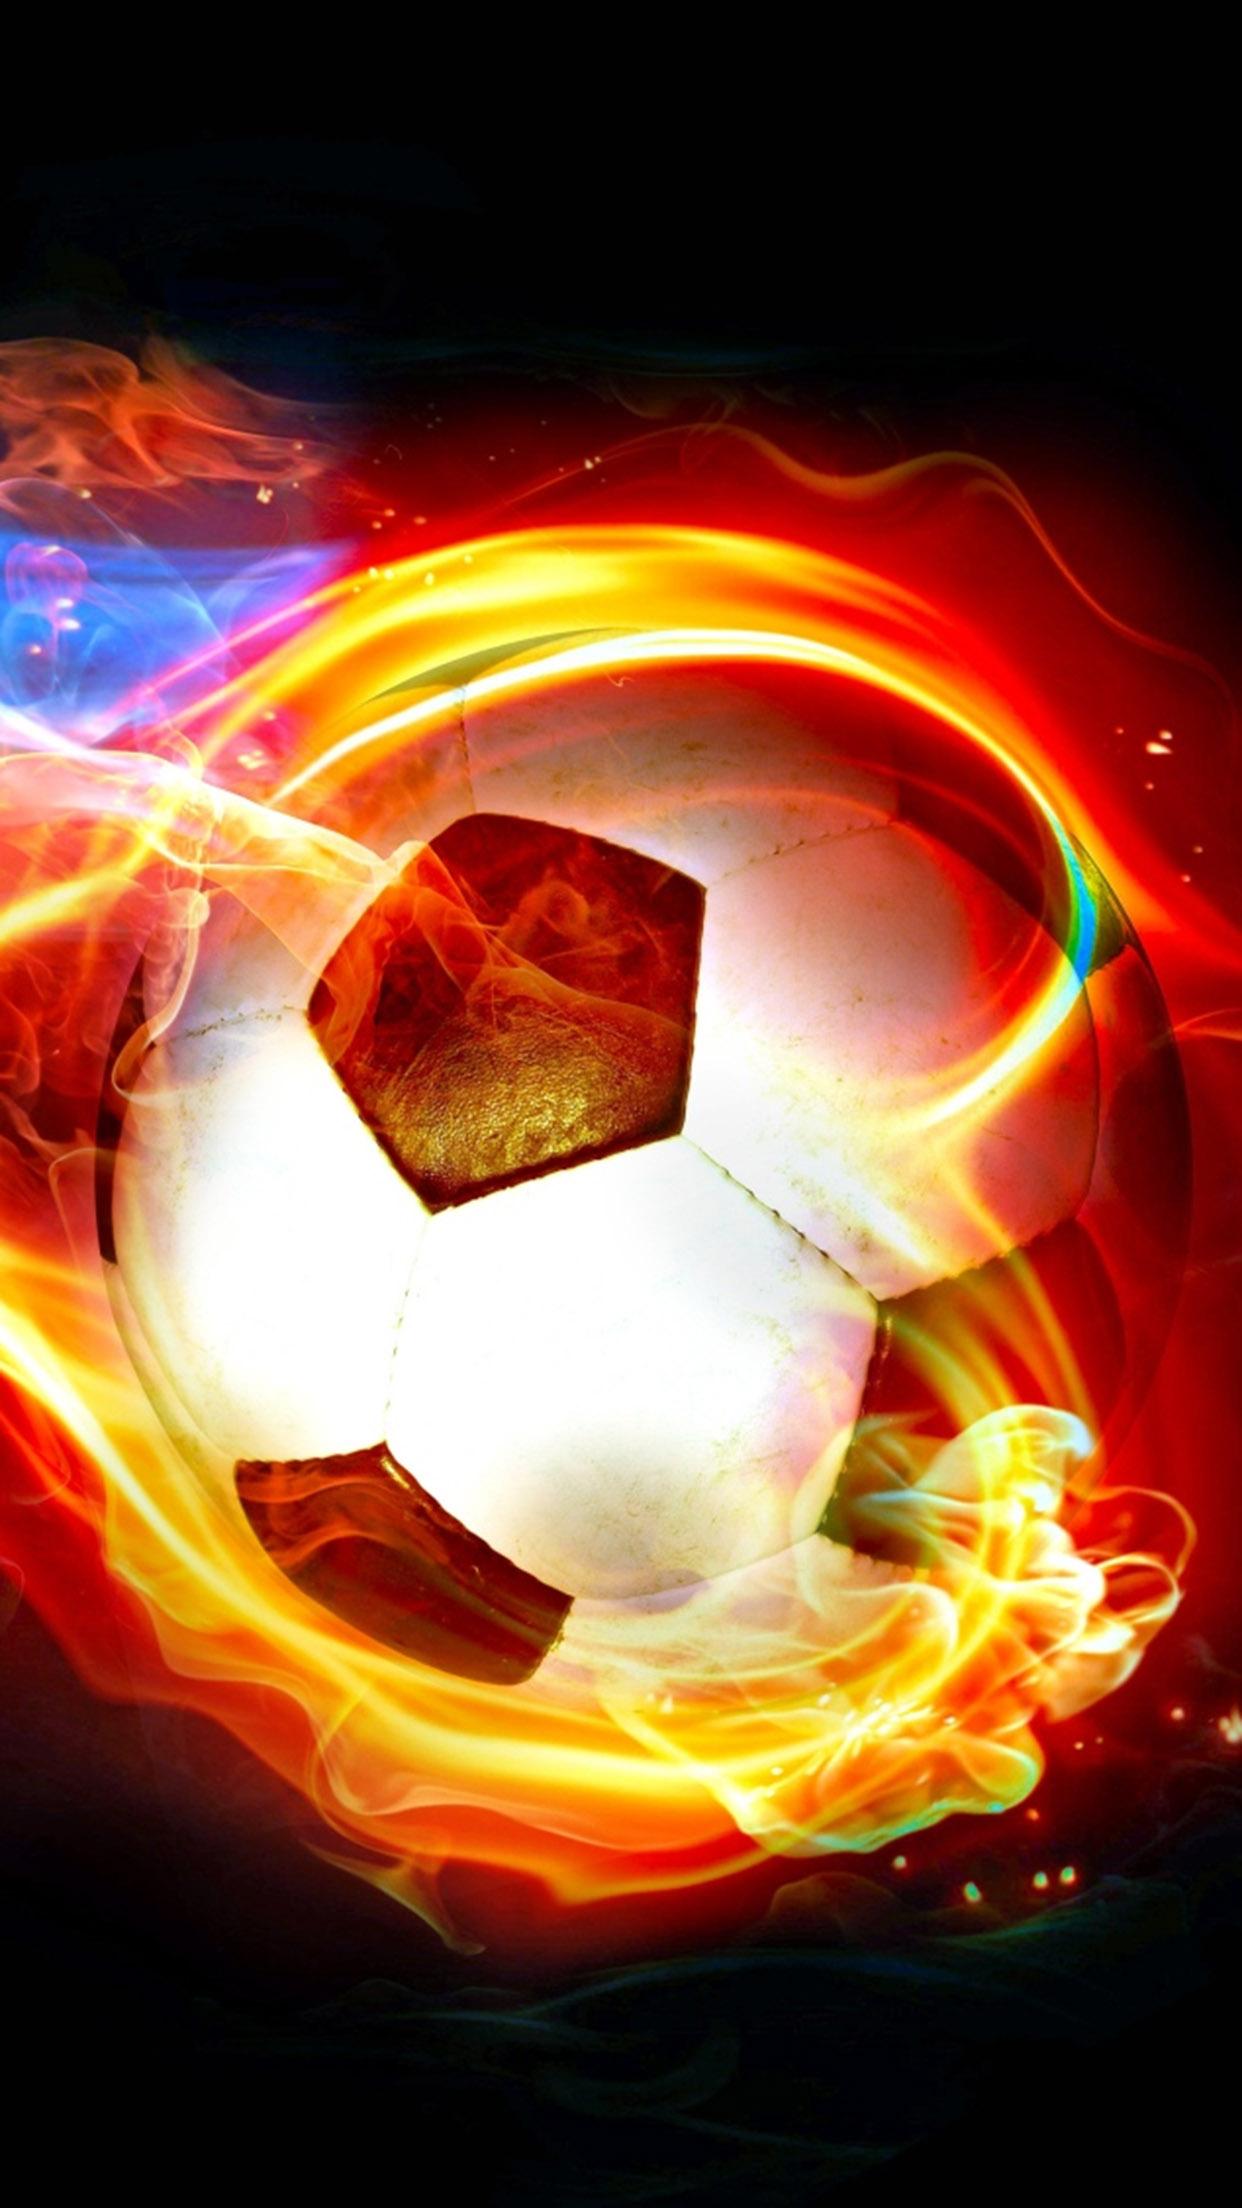 Football Fire ball 3Wallpapers iPhone Parallax Football: Fire ball